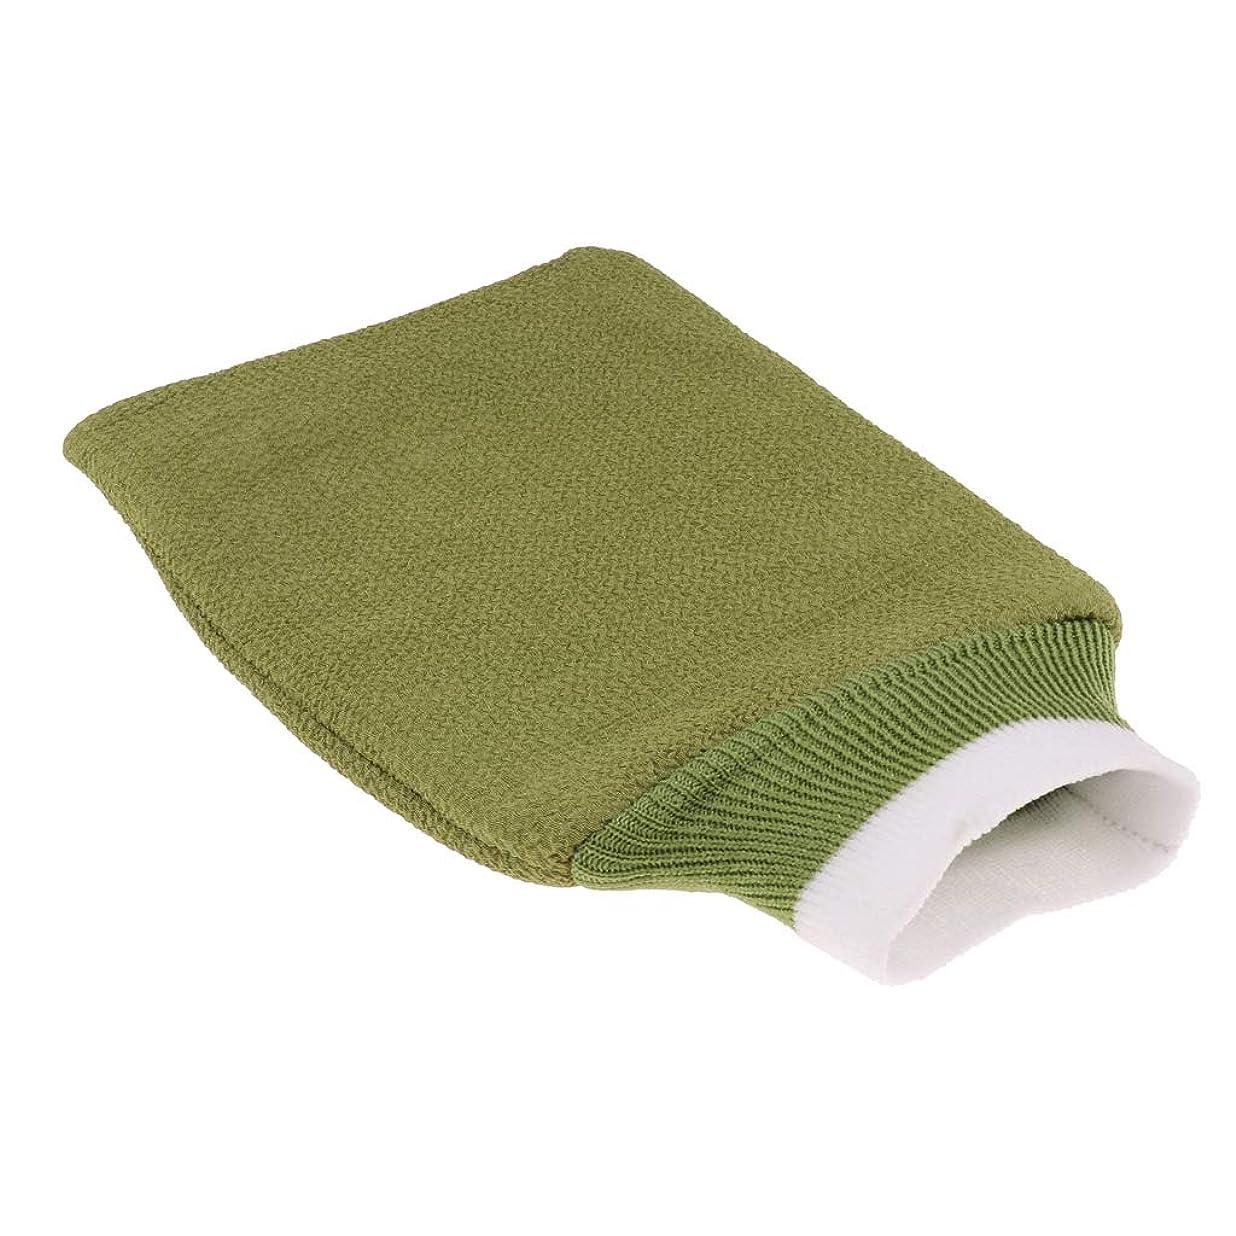 干し草確認する耕すFenteer 全3色 浴用手袋 スパ泡風呂手袋 シャワーブラシ 泡立ち 毛穴清潔 角質除去 バス 洗える 男女兼用 - 緑